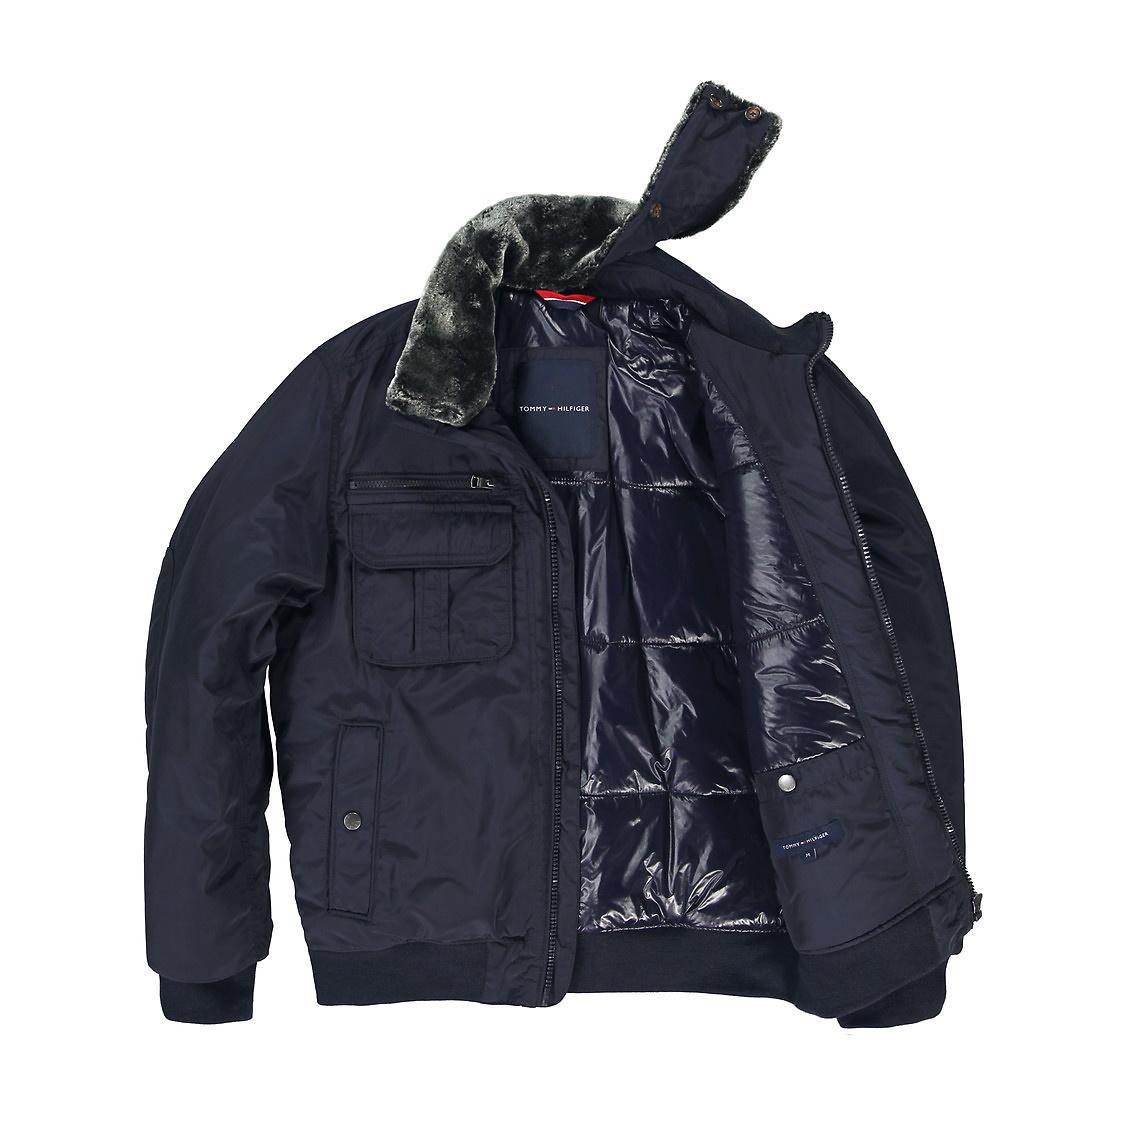 e7d8e07c1 Tommy Hilfiger Ken Bomber Jacket in Blue for Men - Lyst